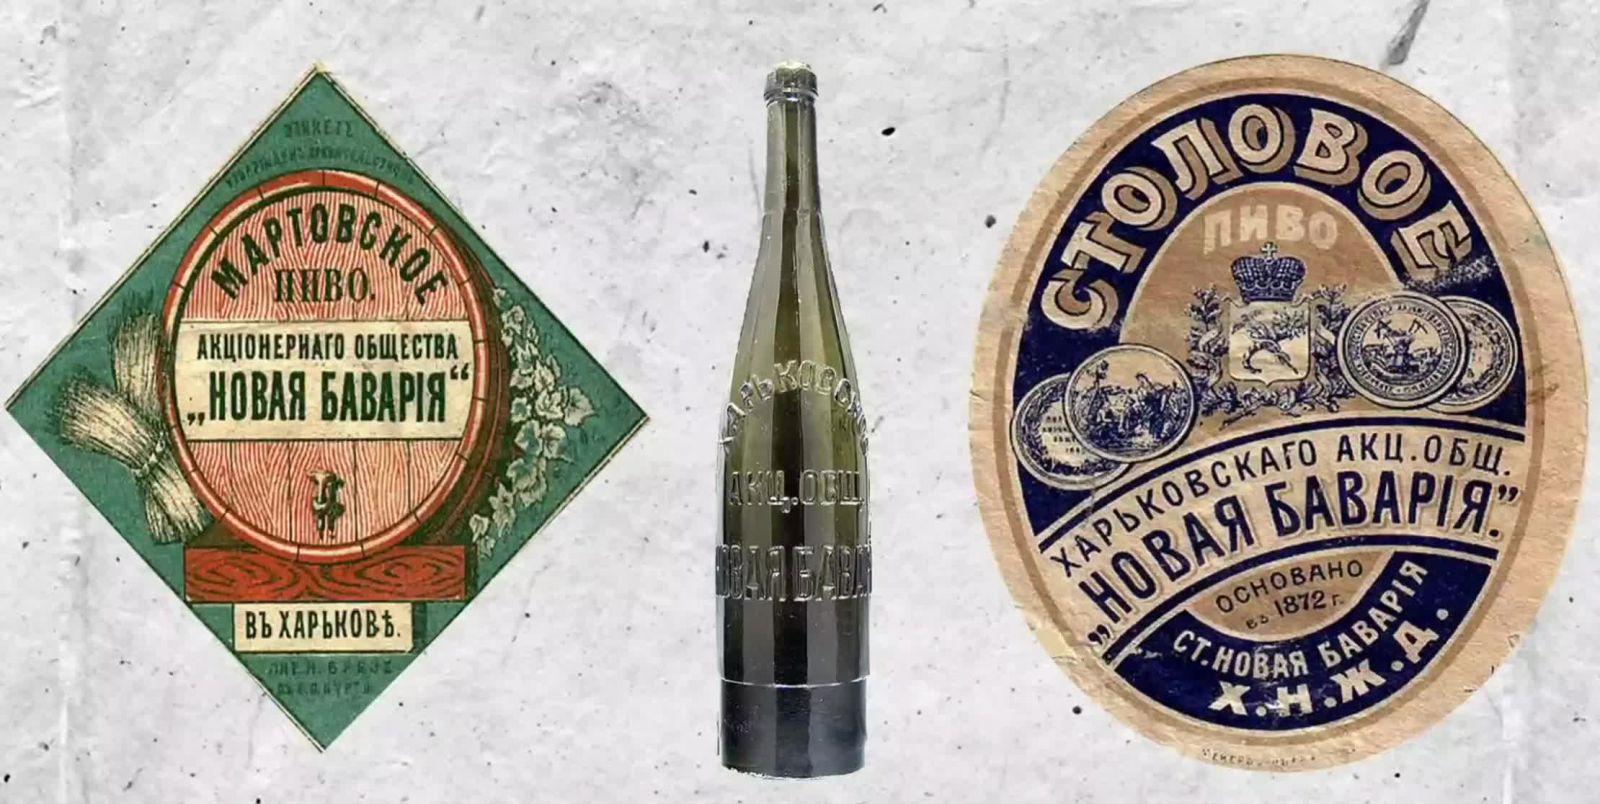 Харьковское пиво